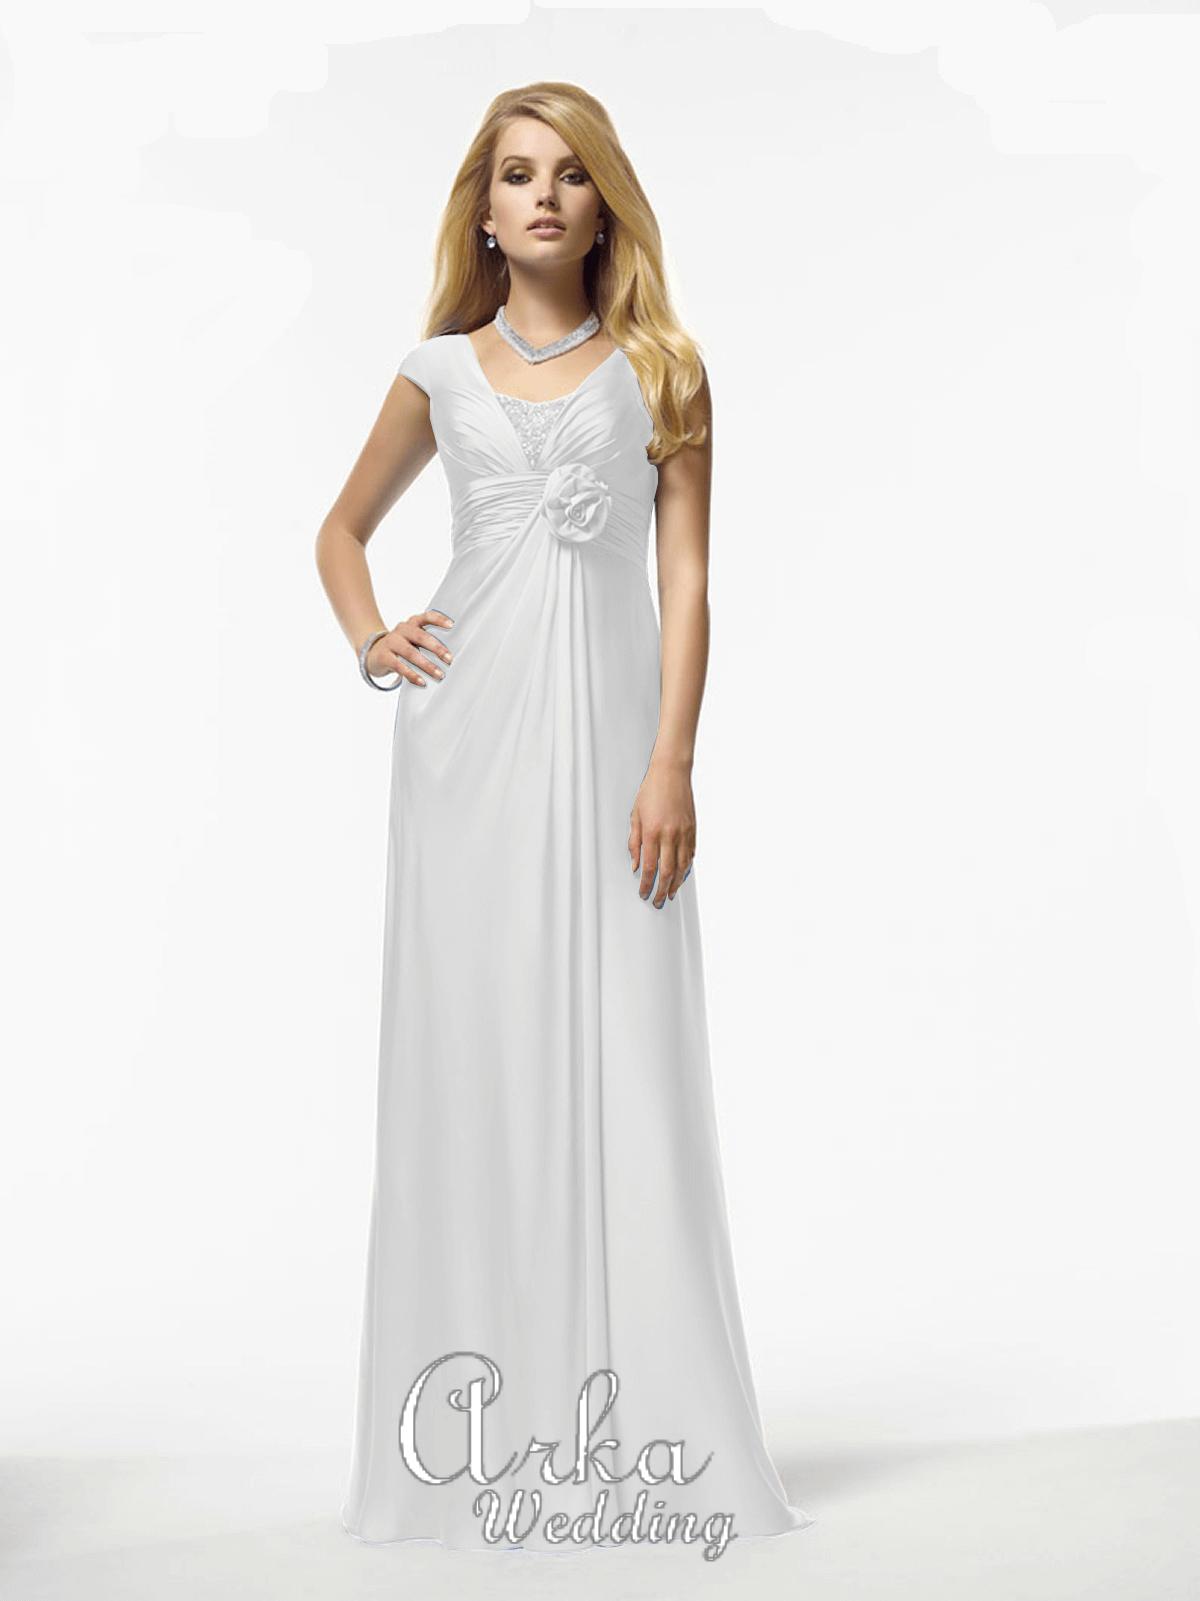 Νυφικό Φόρεμα, Χωρίς Ουρά, με Κέντημα. Κωδ. 29914